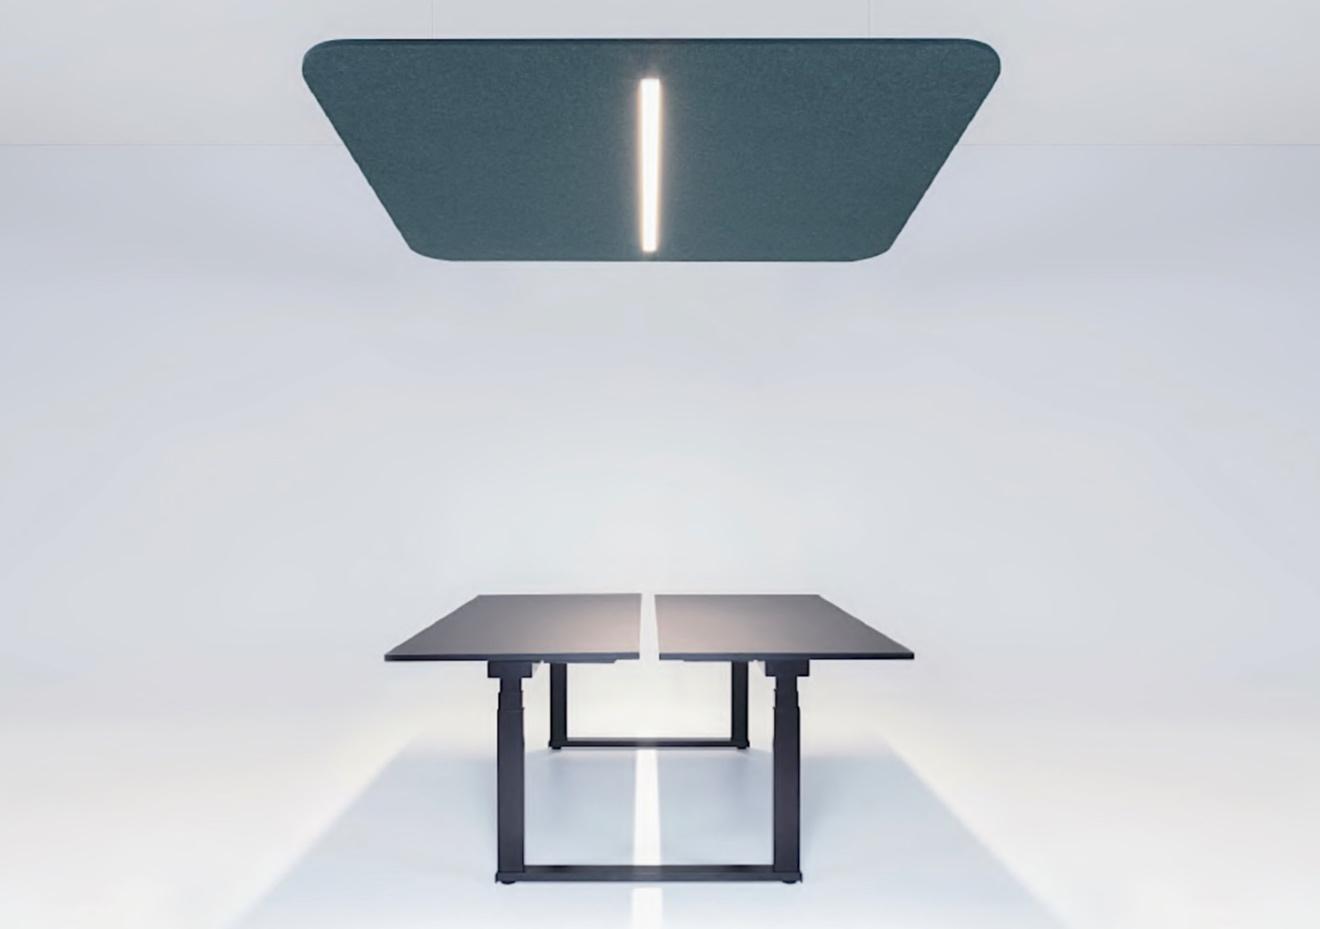 EchoPanel+Arbeitsplatzleuchten+Workplace+LED+Akustikpanels+Deckensegel11.jpg